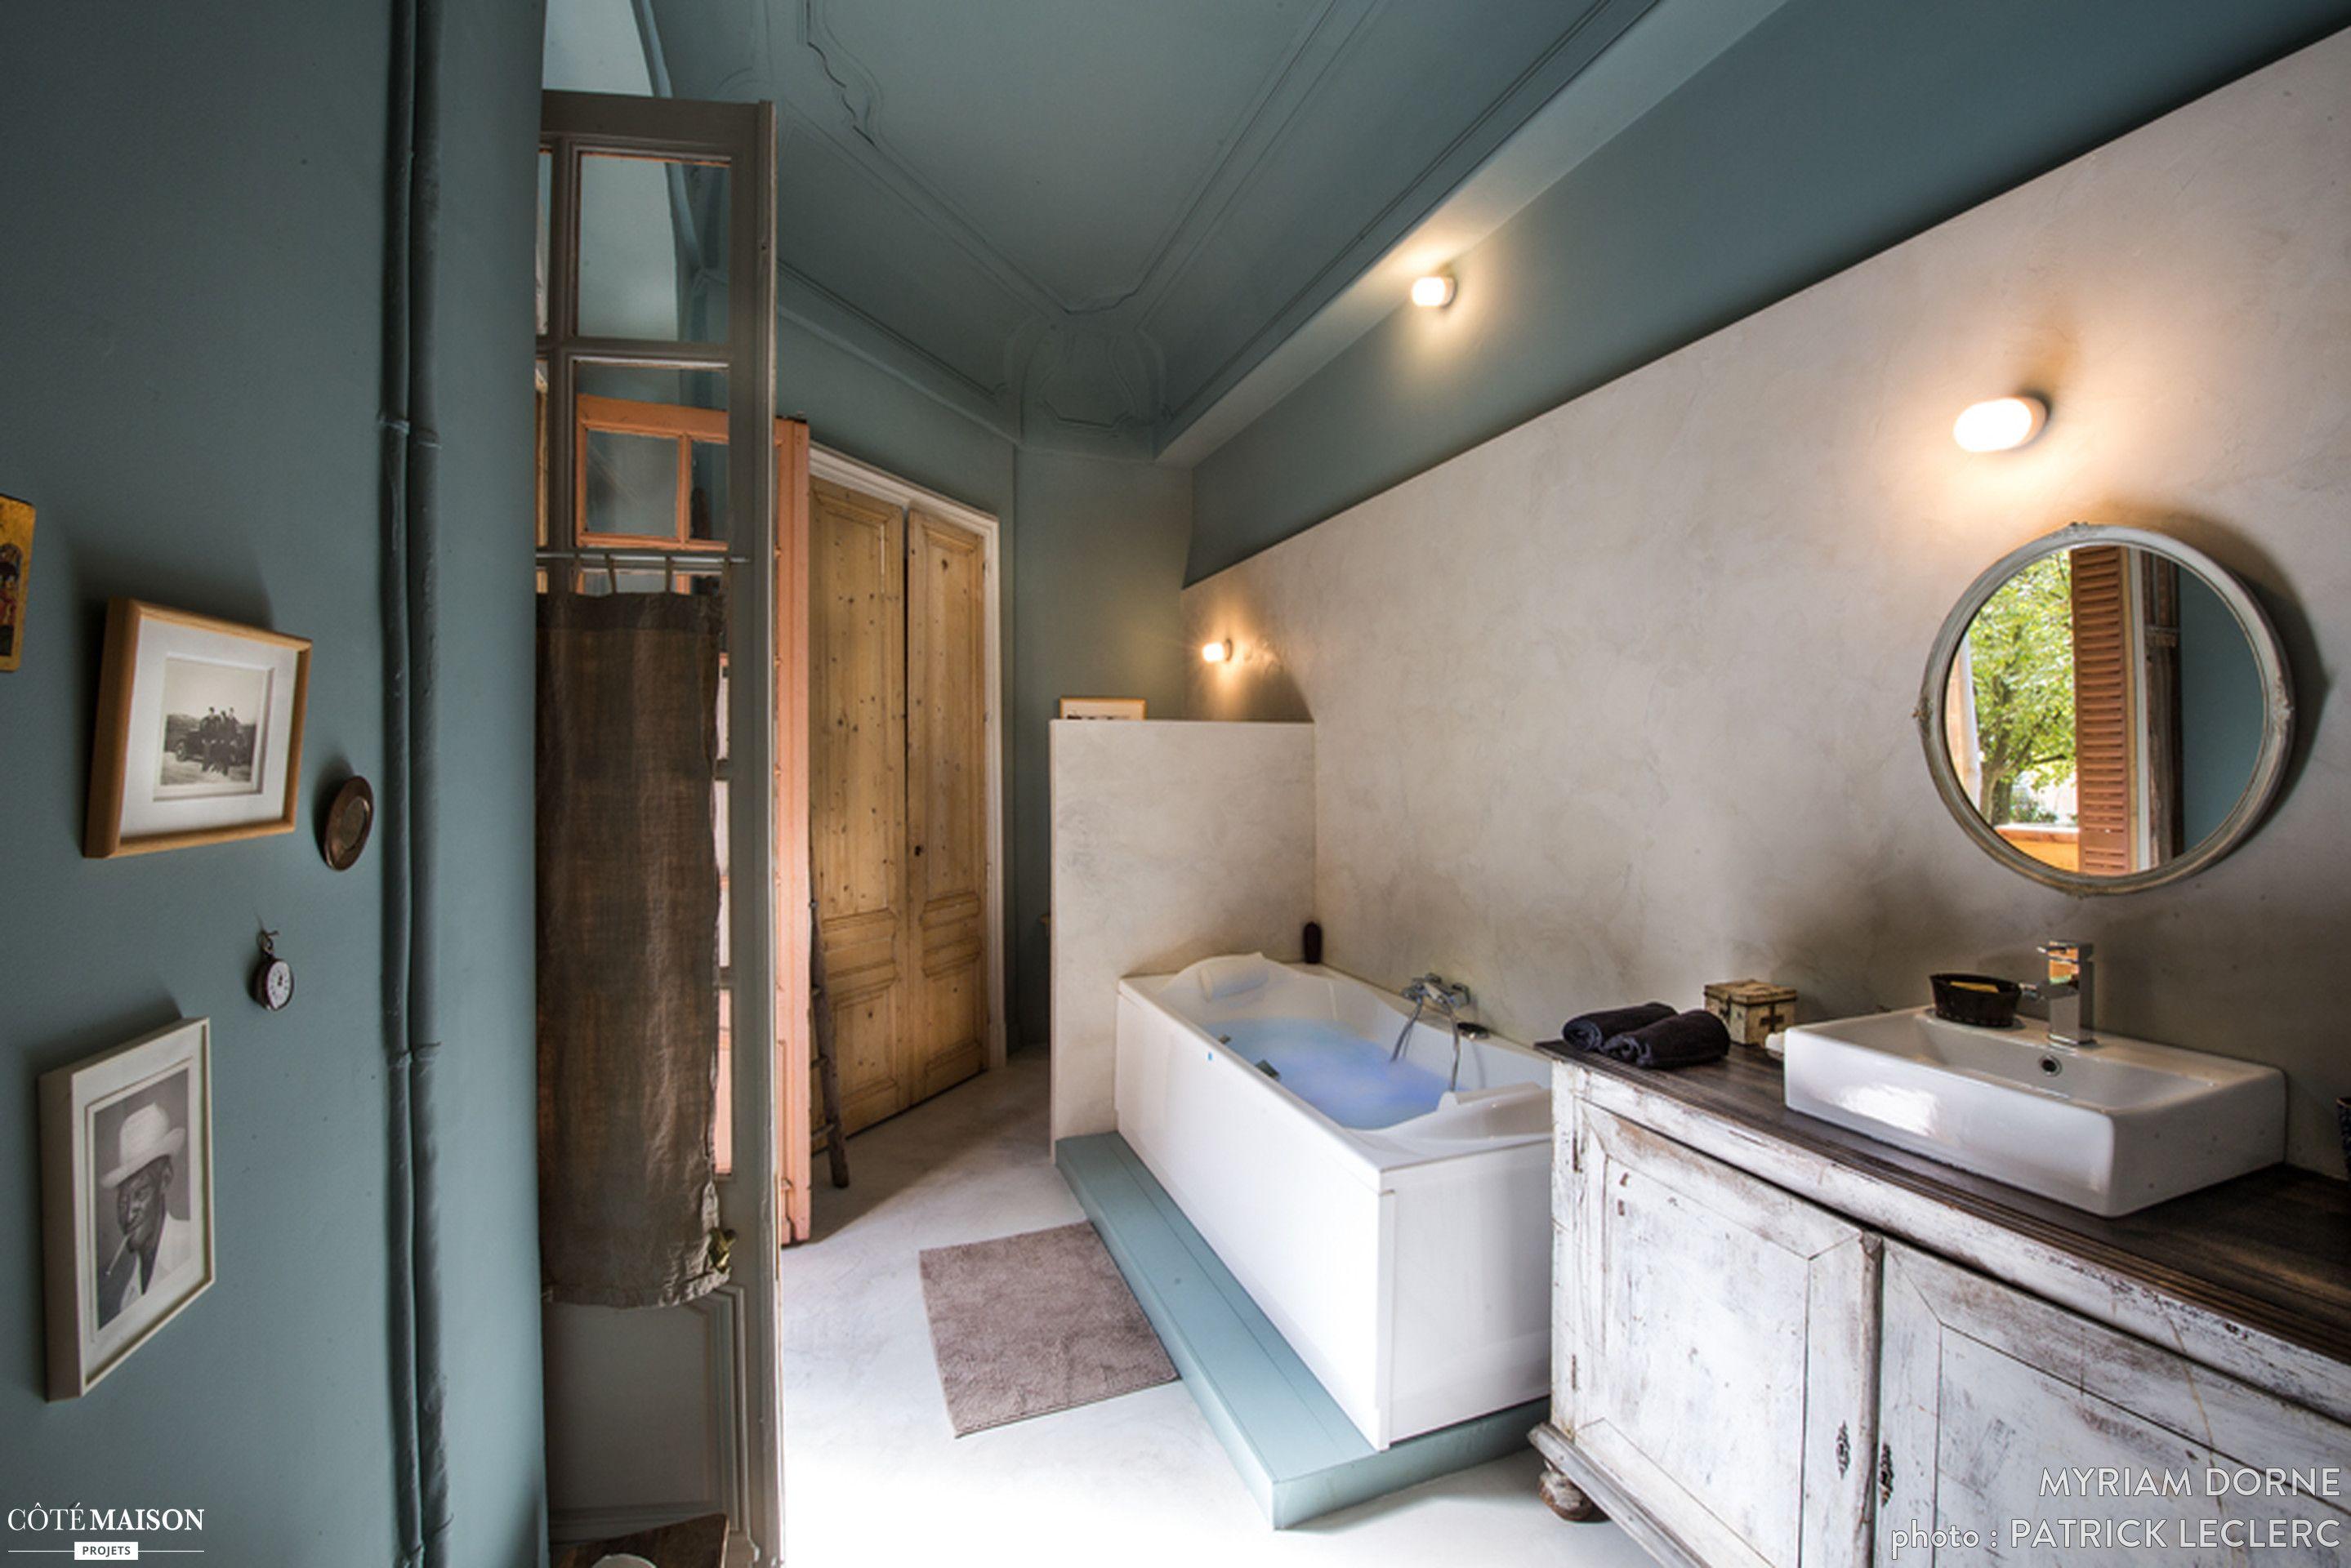 Une nuit au ch teau chambres d 39 h tes lyon myriam dorne - Chambre d hote paris gare de lyon ...